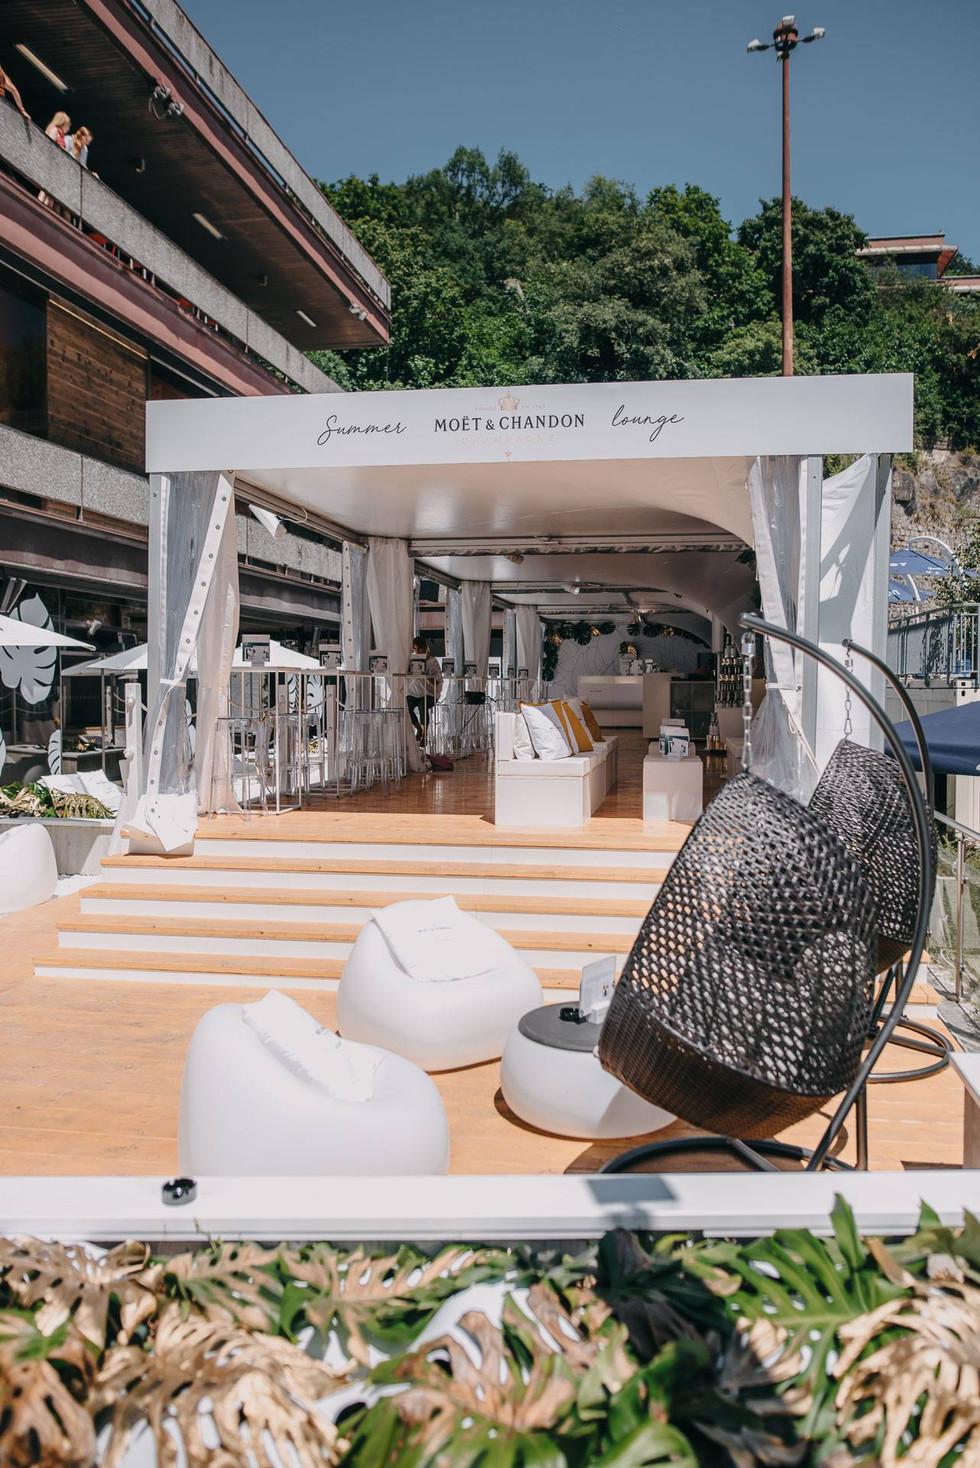 Promo zóna, Festival, Lounge, Návrh, Design, Designer, Jaroš, New wave, Scénograf, Architekt, Moët & Chandon, KVIFF, Filmový festival Karlovy Vary, Moet